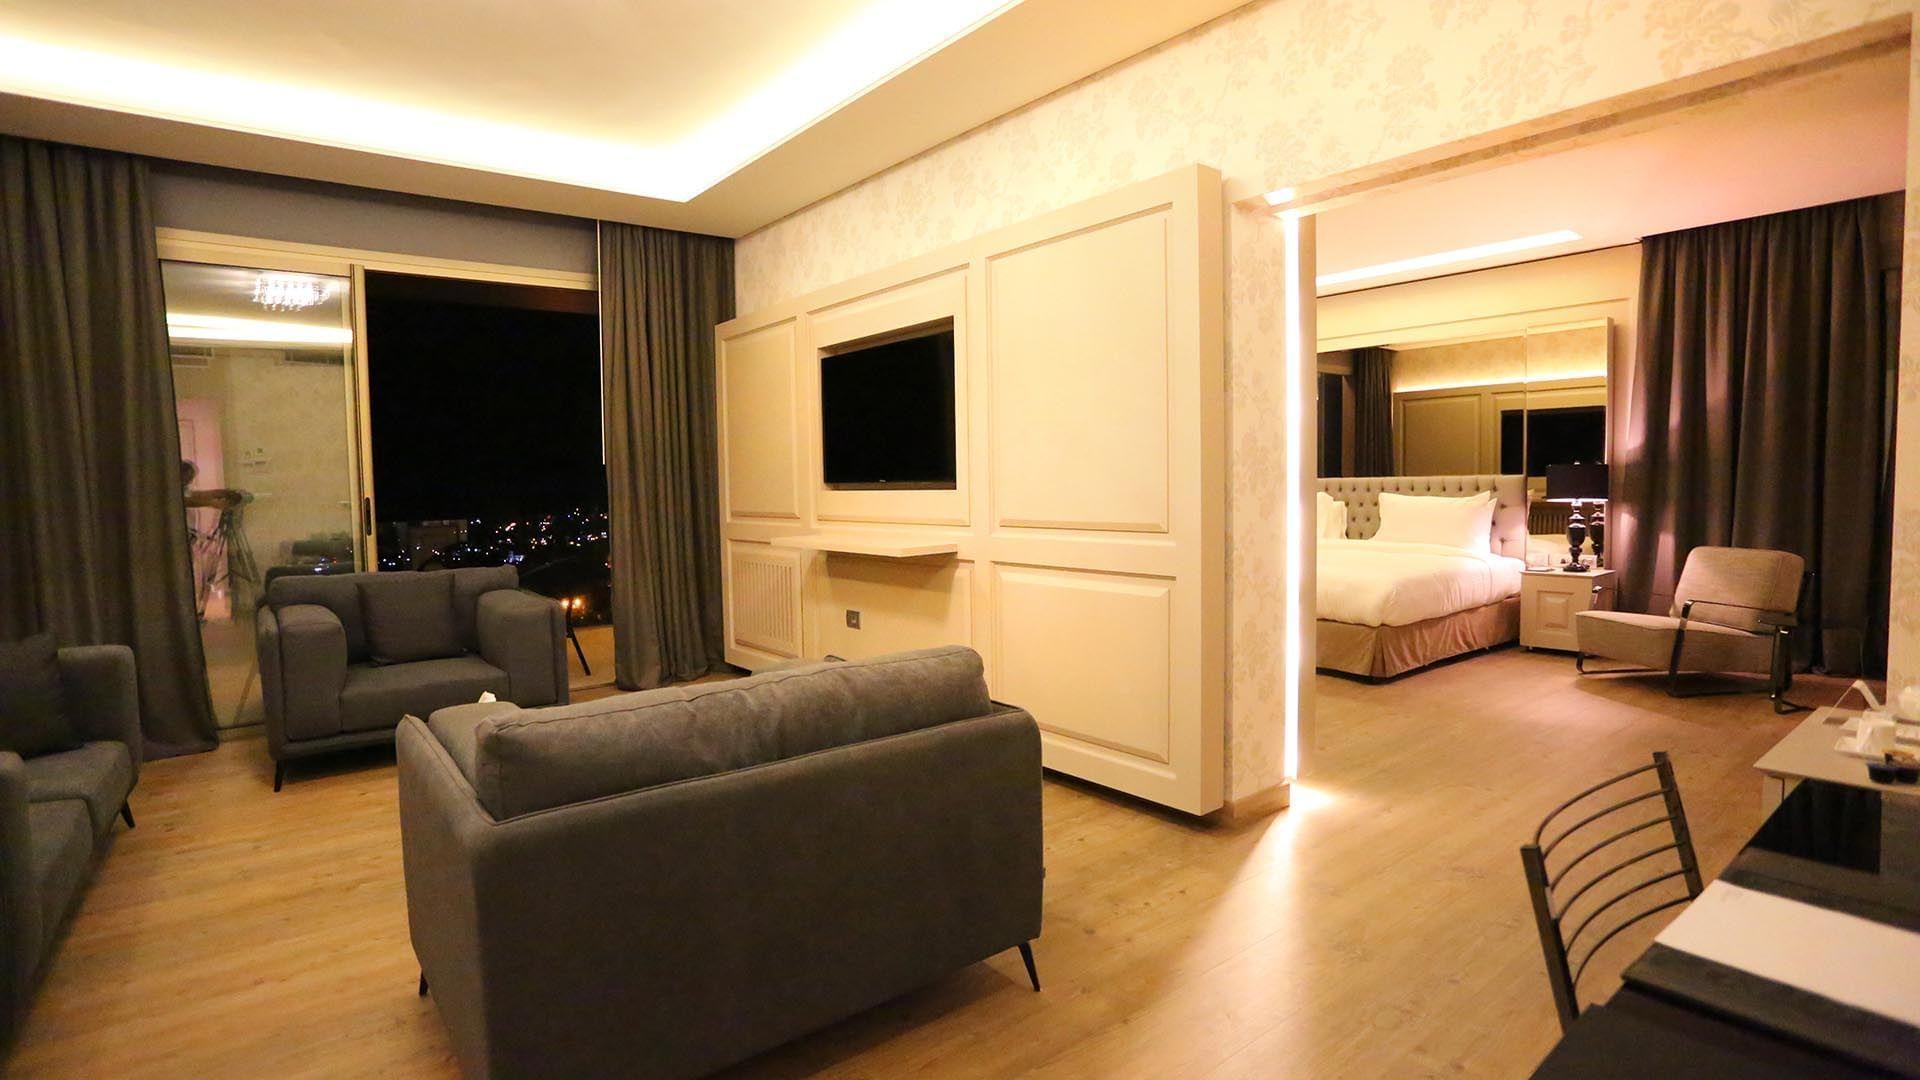 Executive Premium Suite at Mist Hotel & Spa